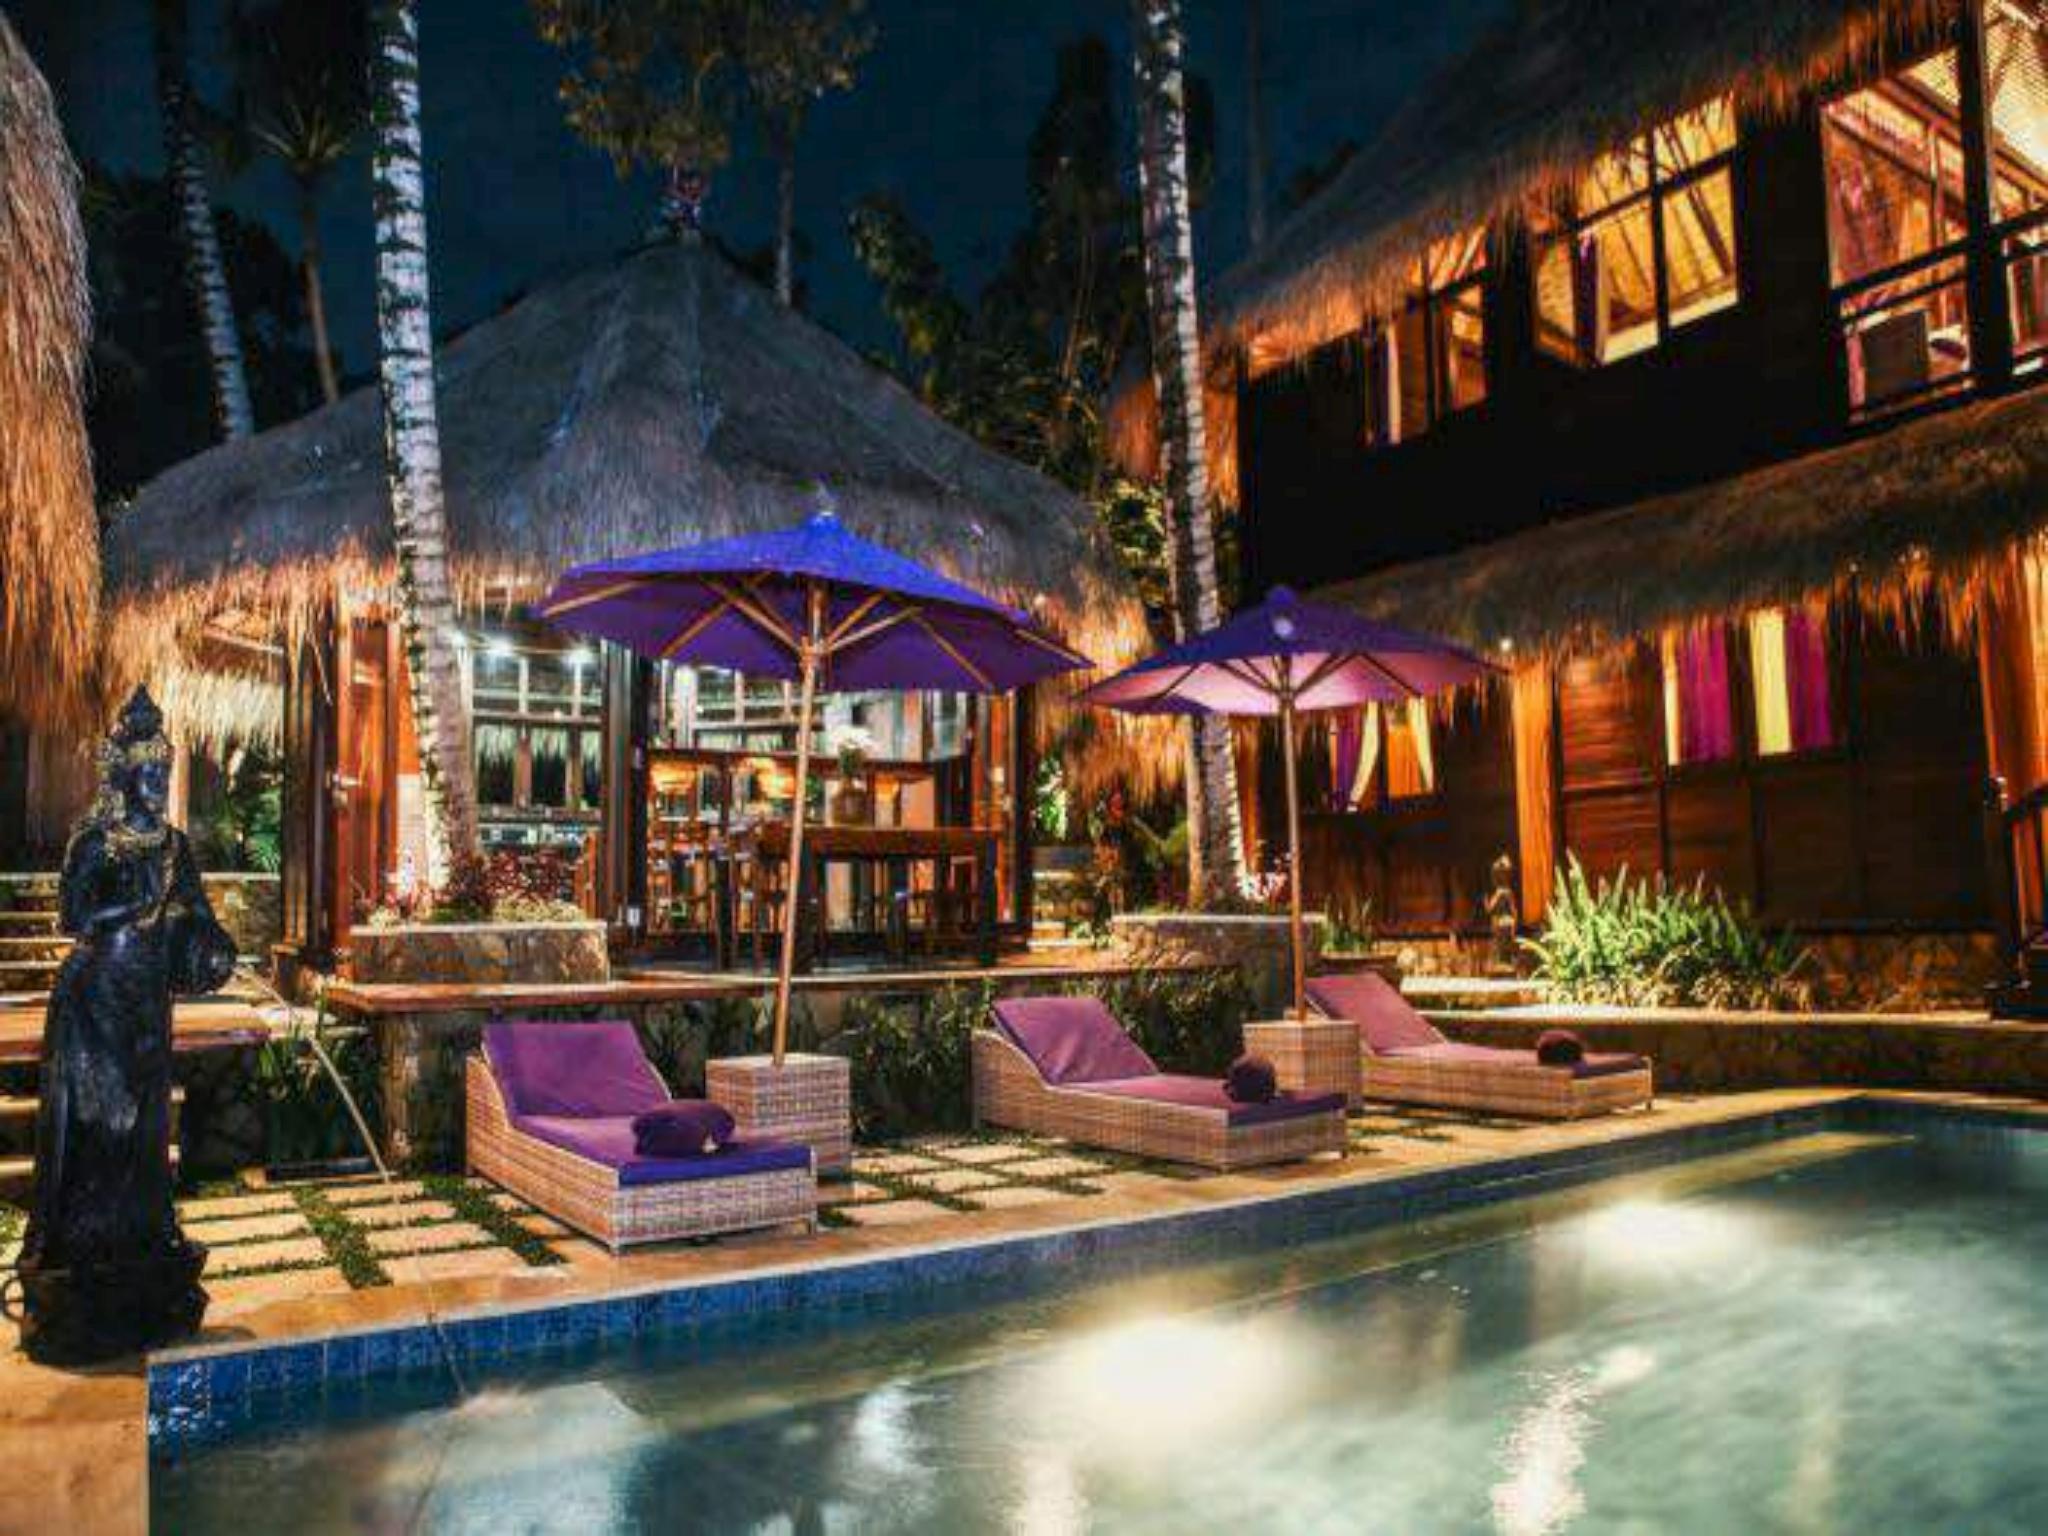 Bali Village Private Villa 3 Bedroom ホテル詳細